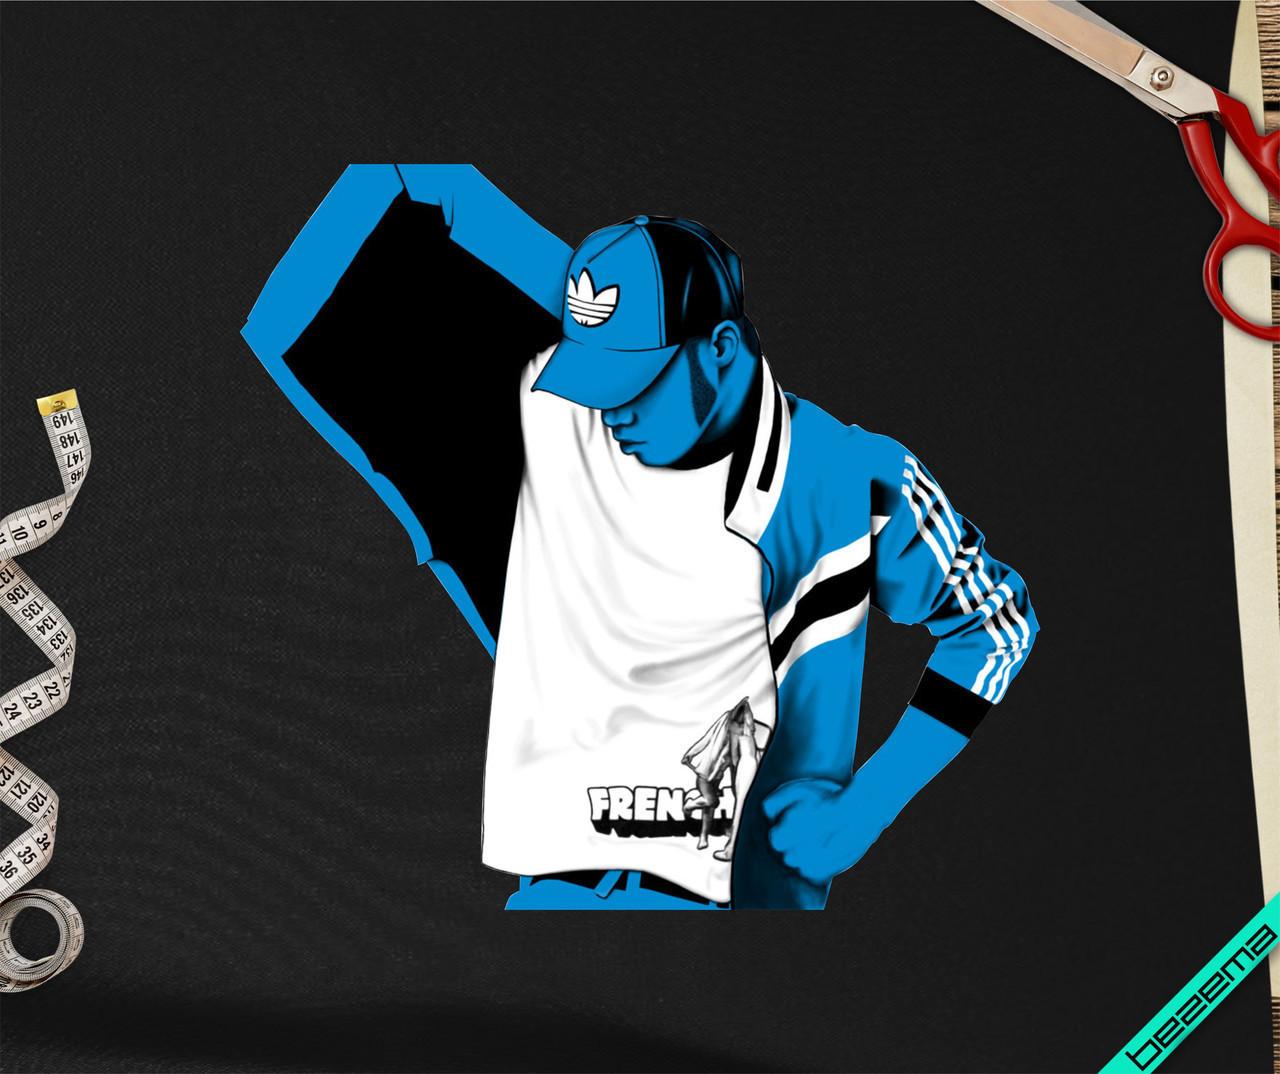 Аплпикации, латки на костюмы Adidas [Свой размер и материалы в ассортименте]